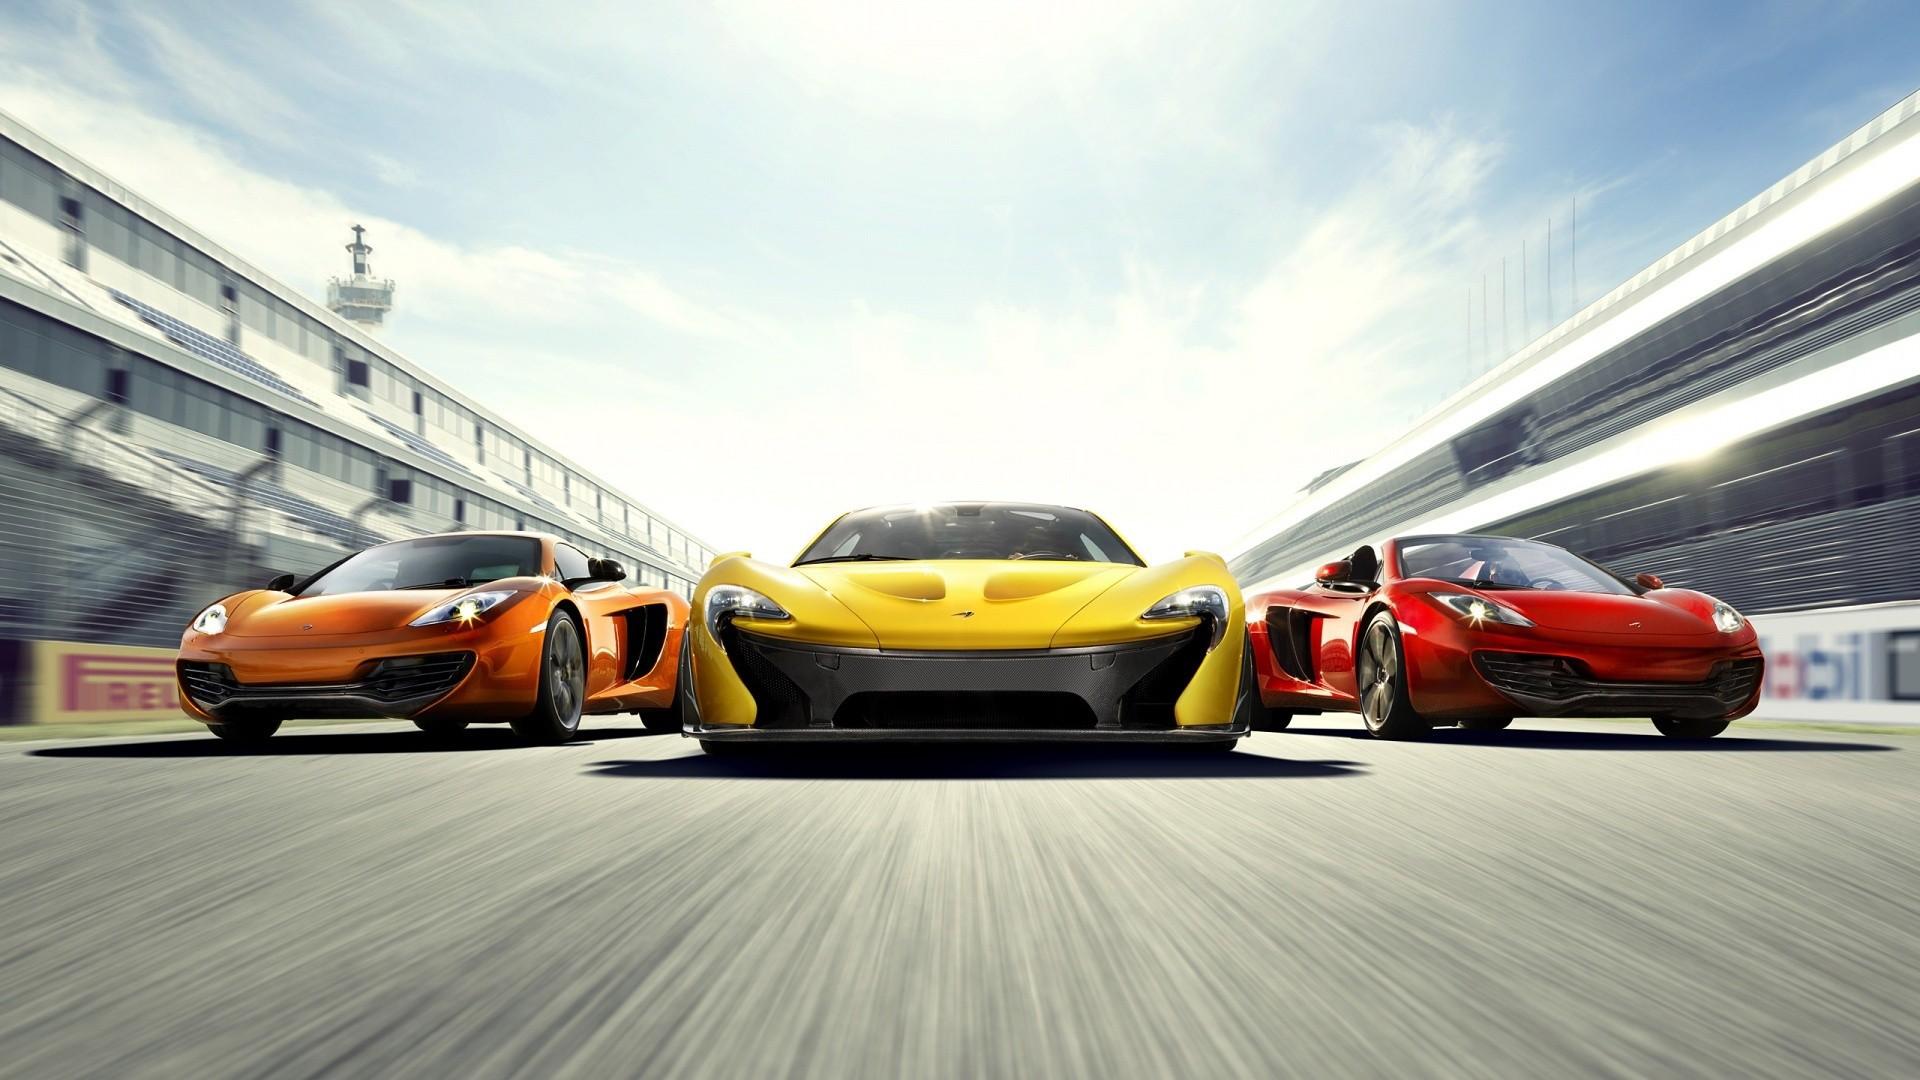 Beautiful cars wallpaper download